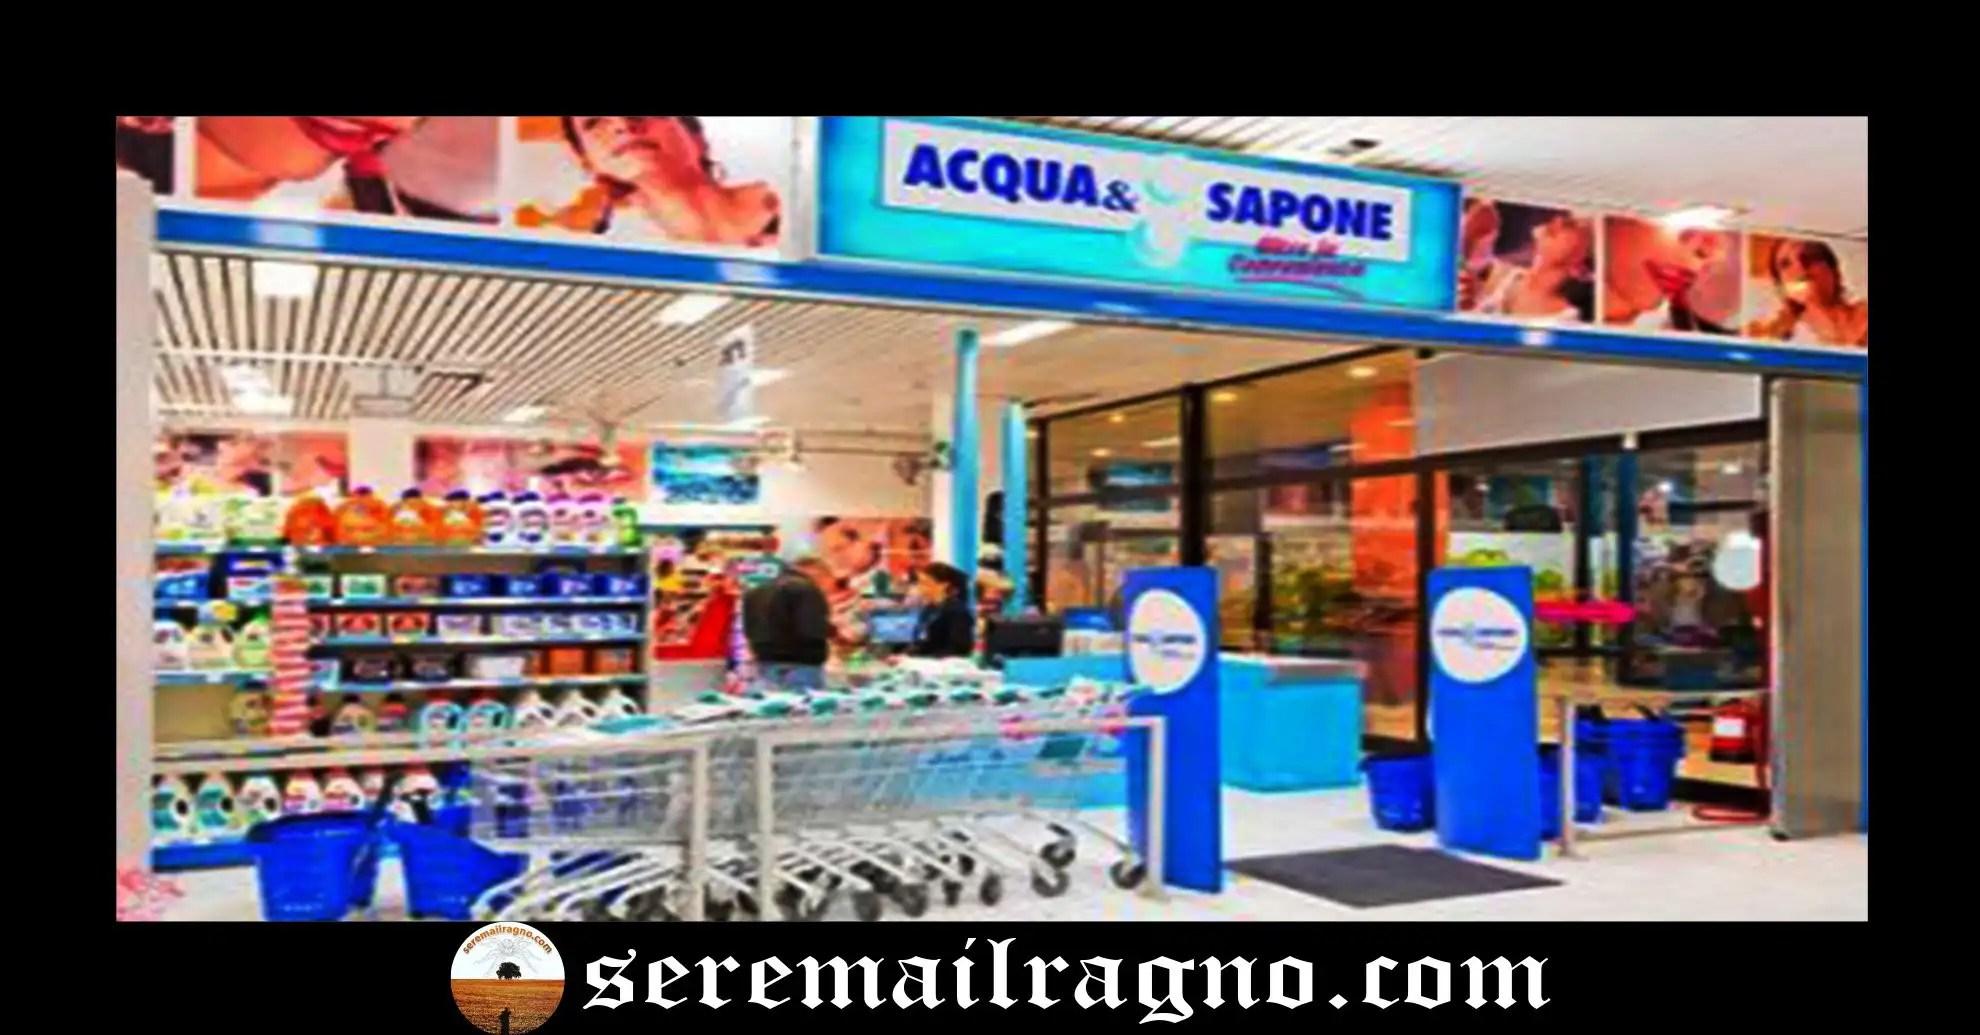 Lezioni di marketing da Acqua&Sapone